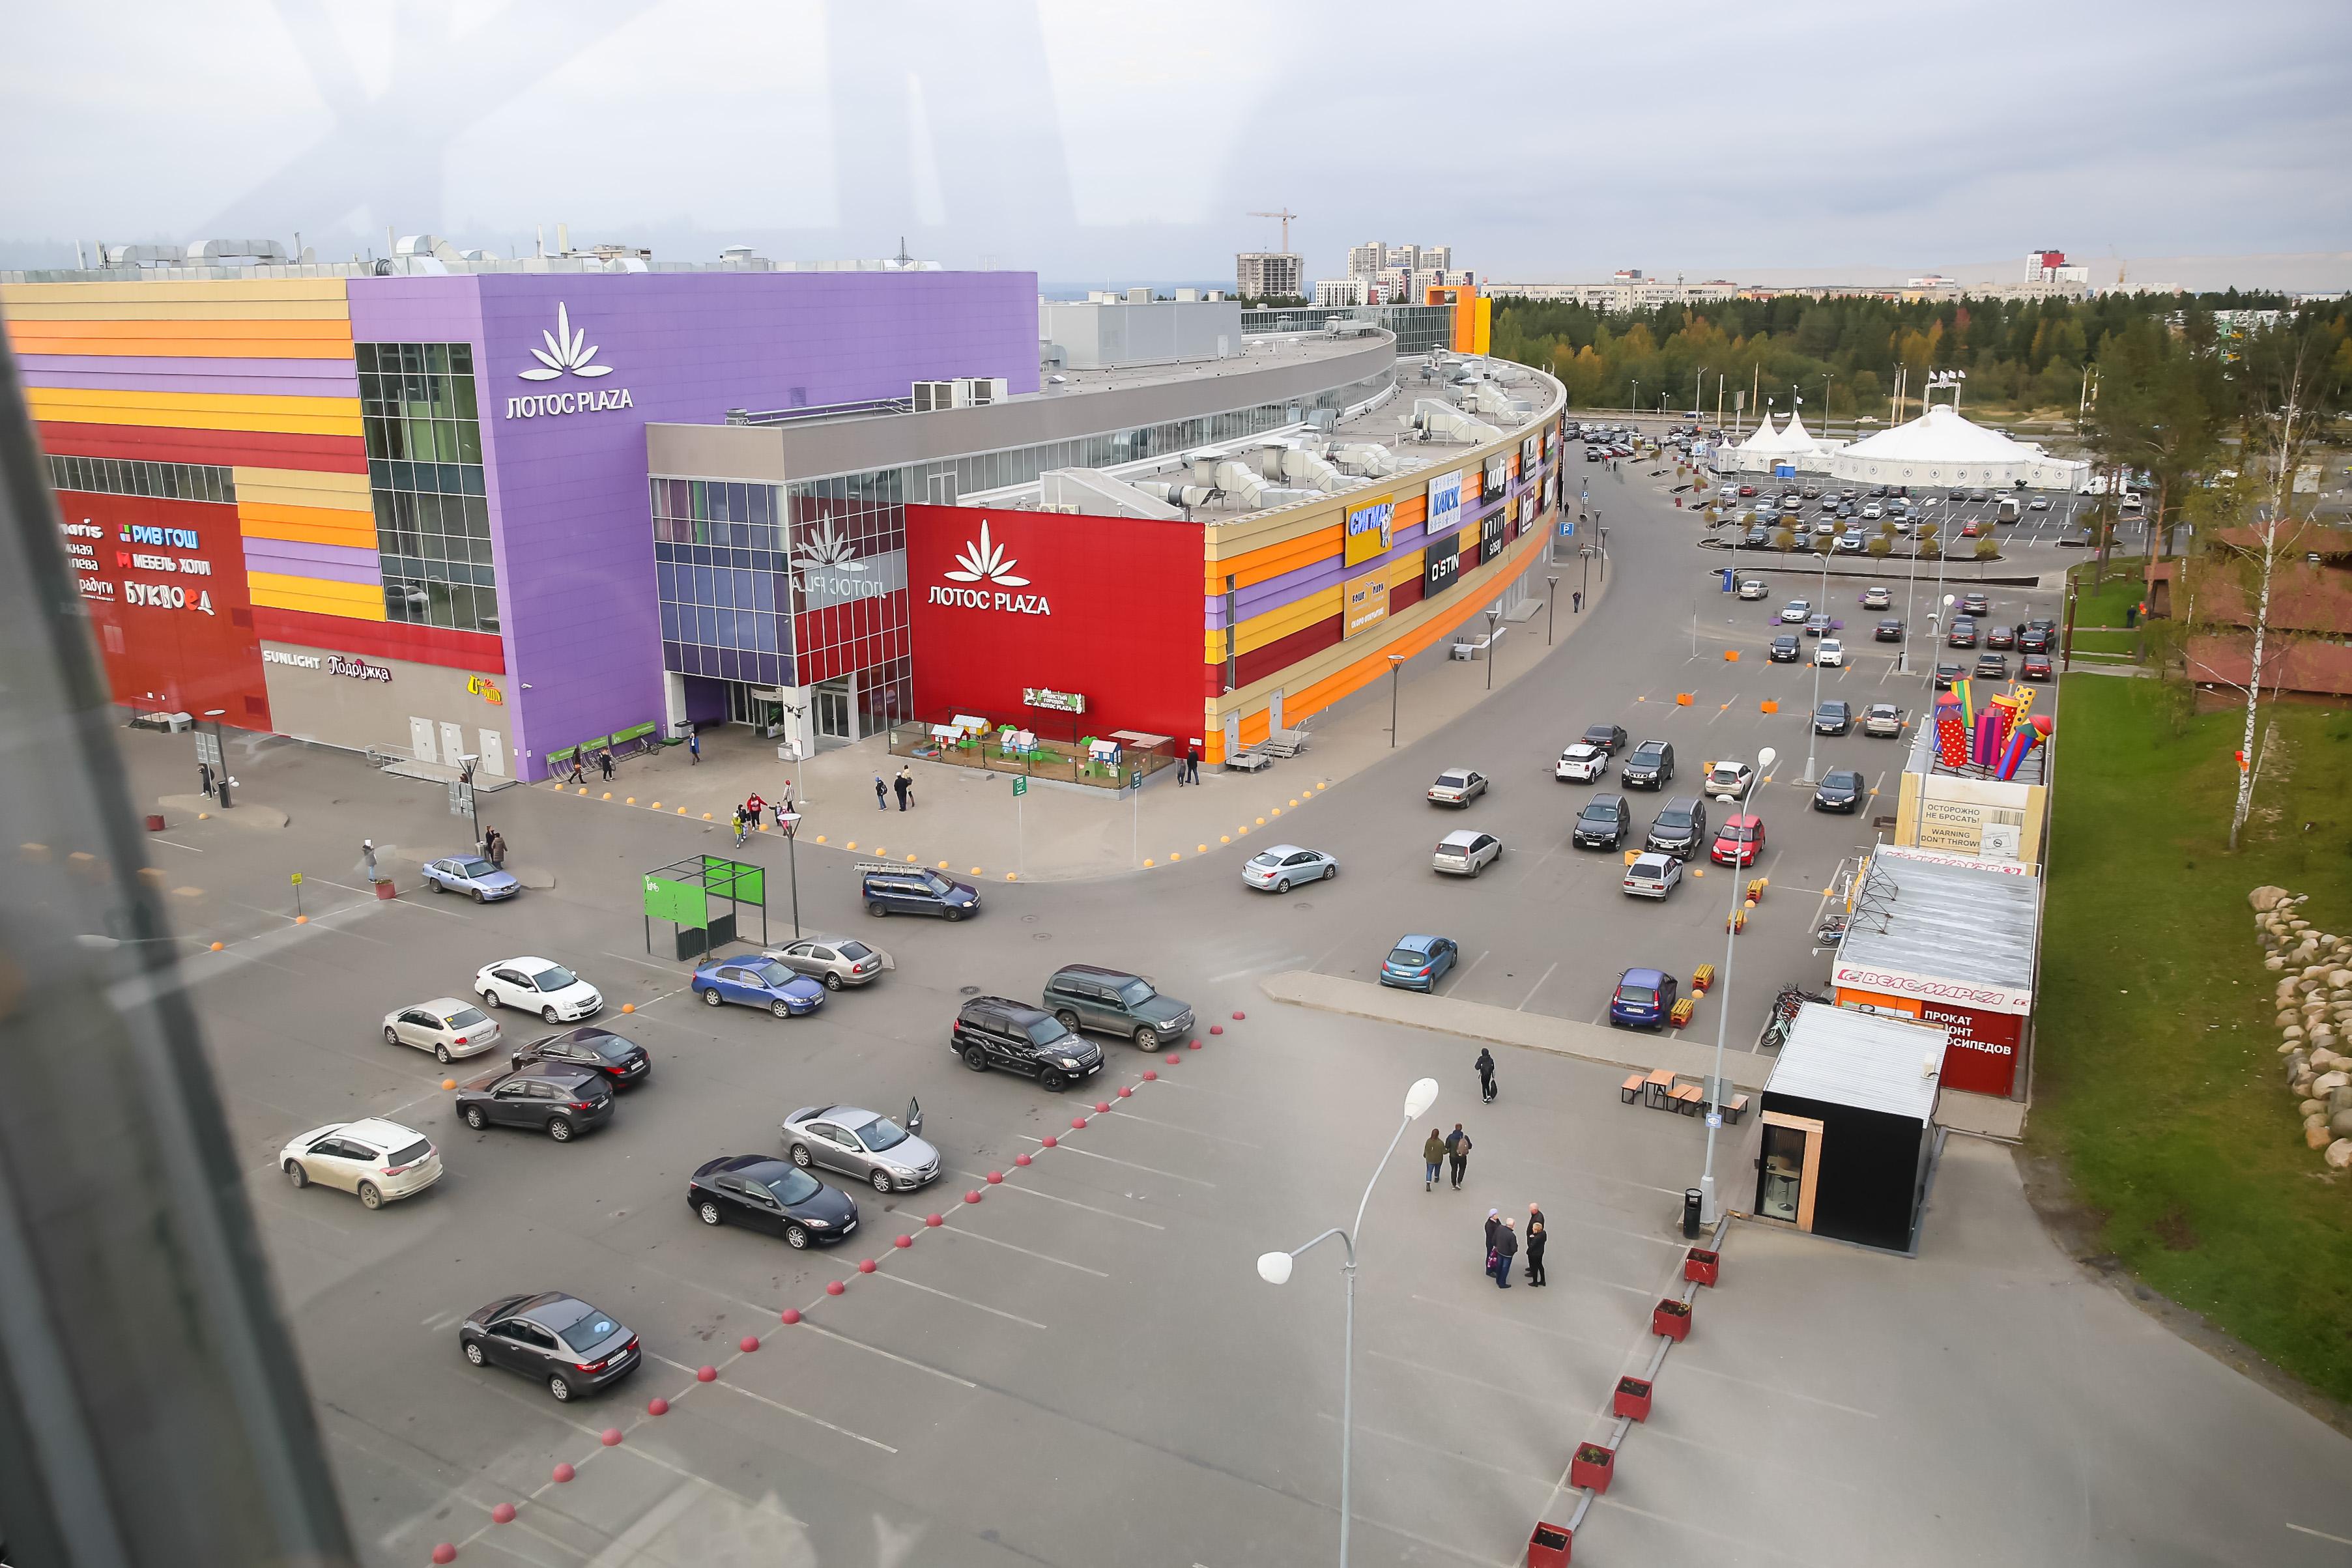 Торгово-развлекательный центр «Лотос Plaza» это яркий, современный и масштабный проект в Карелии, отвечающий всем актуальным требованиям операторов международного уровня.